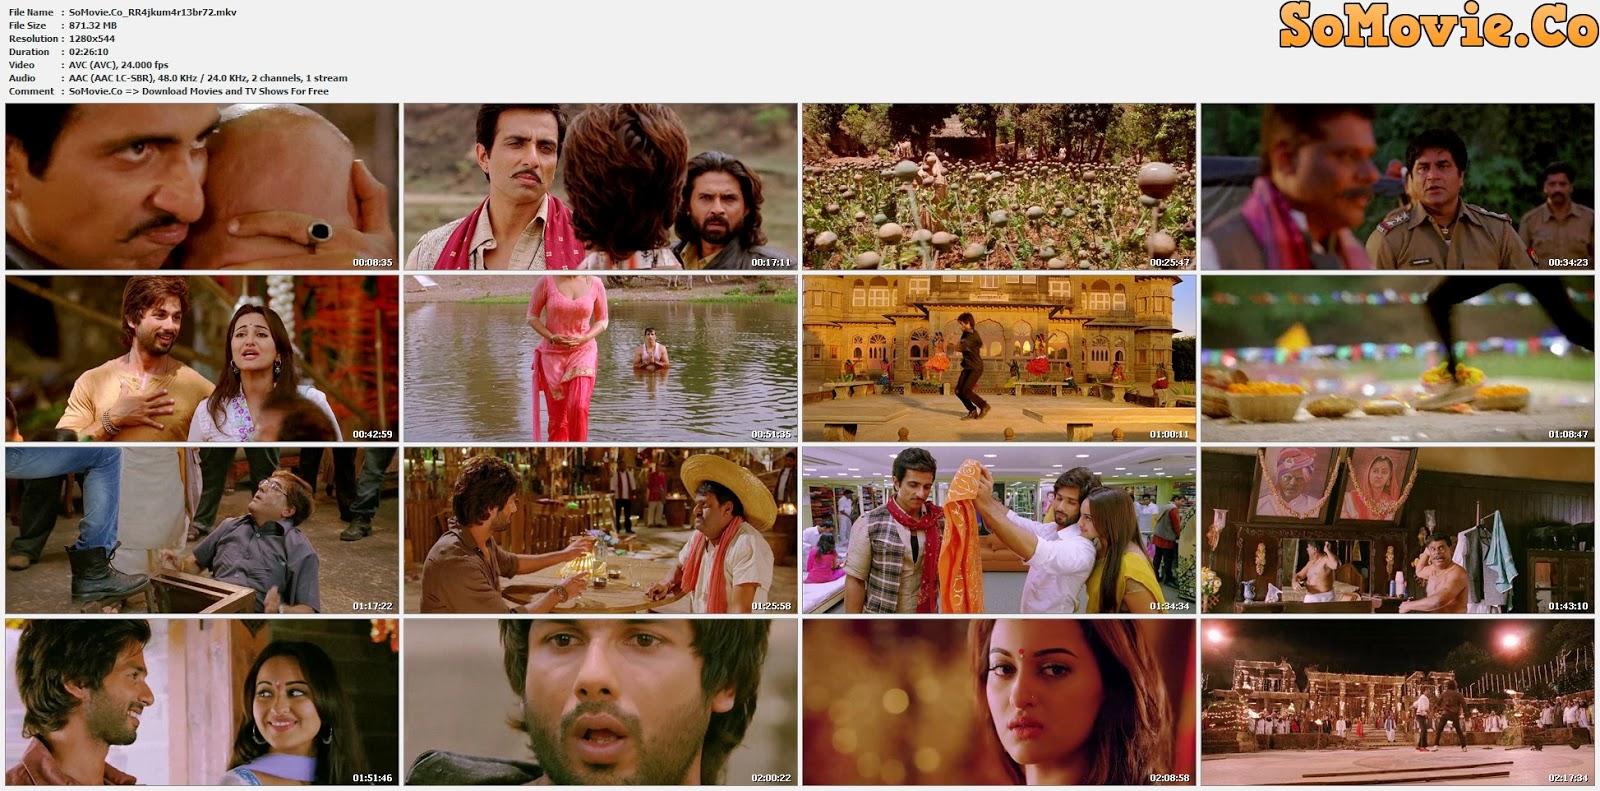 movie screenshot of R... Rajkumar fdmovie.com